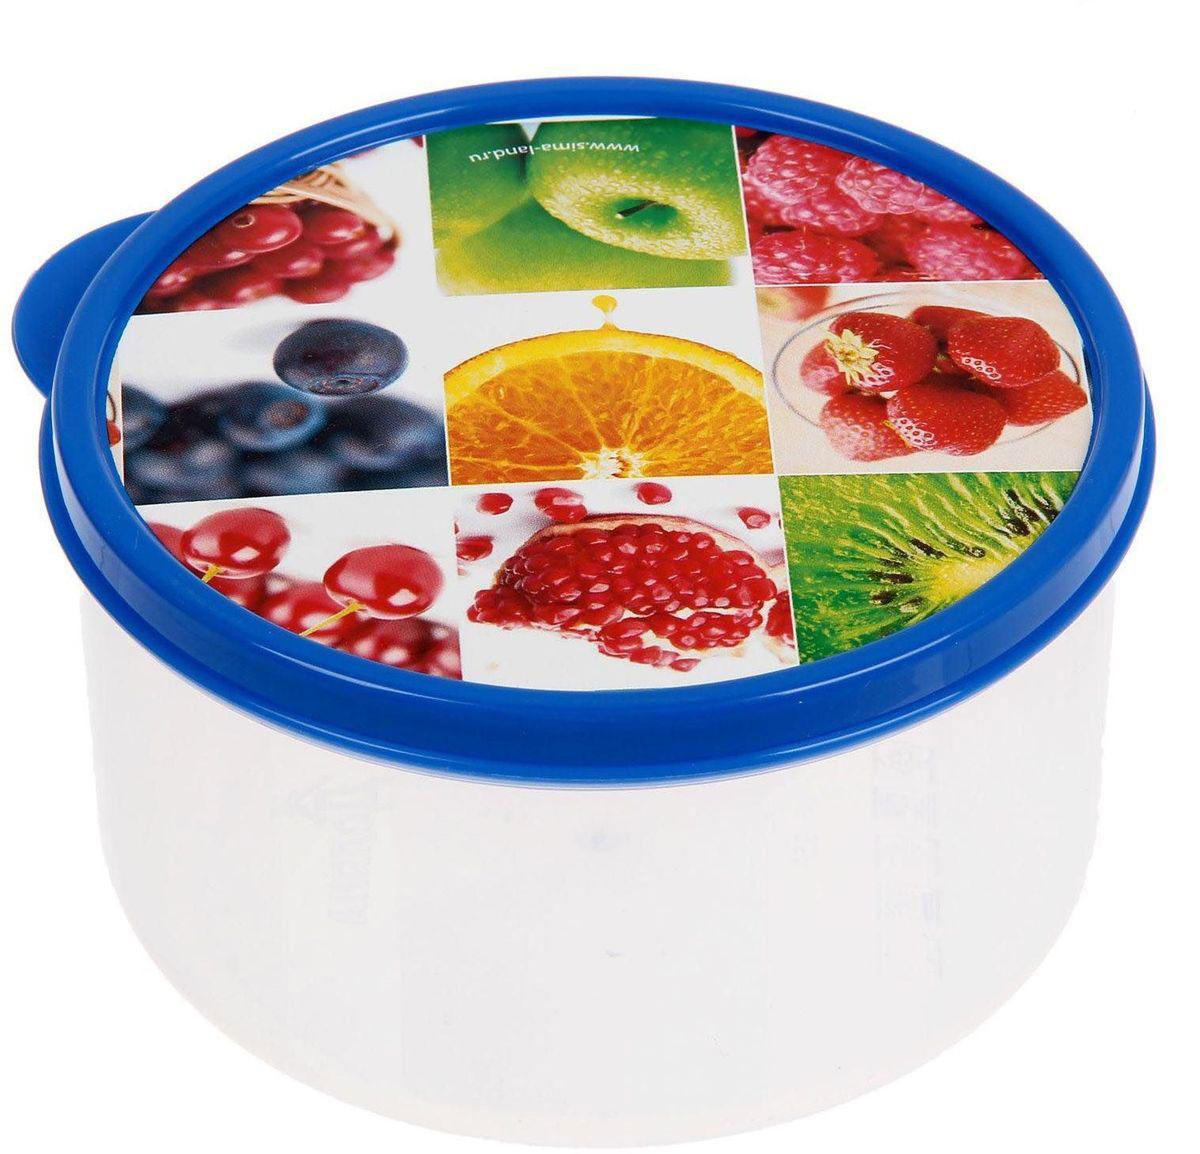 Ланч-бокс Доляна №1, круглый, 500 мл1333890Если после вкусного обеда осталась еда, а насладиться трапезой хочется и на следующий день, ланч-бокс станет отличным решением данной проблемы!Такой контейнер является незаменимым предметом кухонной утвари, ведь у него много преимуществ:Простота ухода. Ланч-бокс достаточно промыть тёплой водой с небольшим количеством чистящего средства, и он снова готов к использованию.Вместительность. Большой выбор форм и объёма поможет разместить разнообразные продукты от сахара до супов.Эргономичность. Ланч-боксы очень легко хранить даже в самой маленькой кухне, так как их можно поставить один в другой по принципу матрёшки.Многофункциональность. Разнообразие цветов и форм делает возможным использование контейнеров не только на кухне, но и в других областях домашнего быта.Любители приготовления обеда на всю семью в большинстве случаев приобретают ланч-боксы наборами, так как это позволяет рассортировать продукты по всевозможным признакам. К тому же контейнеры среднего размера станут незаменимыми помощниками на работе: ведь что может быть приятнее, чем порадовать себя во время обеда прекрасной едой, заботливо сохранённой в контейнере?В качестве материала для изготовления используется пластик, что делает процесс ухода за контейнером ещё более эффективным. К каждому ланч-боксу в комплекте также прилагается крышка подходящего размера, это позволяет плотно и надёжно удерживать запах еды и упрощает процесс транспортировки.Однако рекомендуется соблюдать и меры предосторожности: не использовать пластиковые контейнеры в духовых шкафах и на открытом огне, а также не разогревать в микроволновых печах при закрытой крышке ланч-бокса. Соблюдение мер безопасности позволит продлить срок эксплуатации и сохранить отличный внешний вид изделия.Эргономичный дизайн и многофункциональность таких контейнеров — вот, что является причиной большой популярности данного предмета у каждой хозяйки. А в преддверии лета и дачного сезона такое приобретение позволит поднят